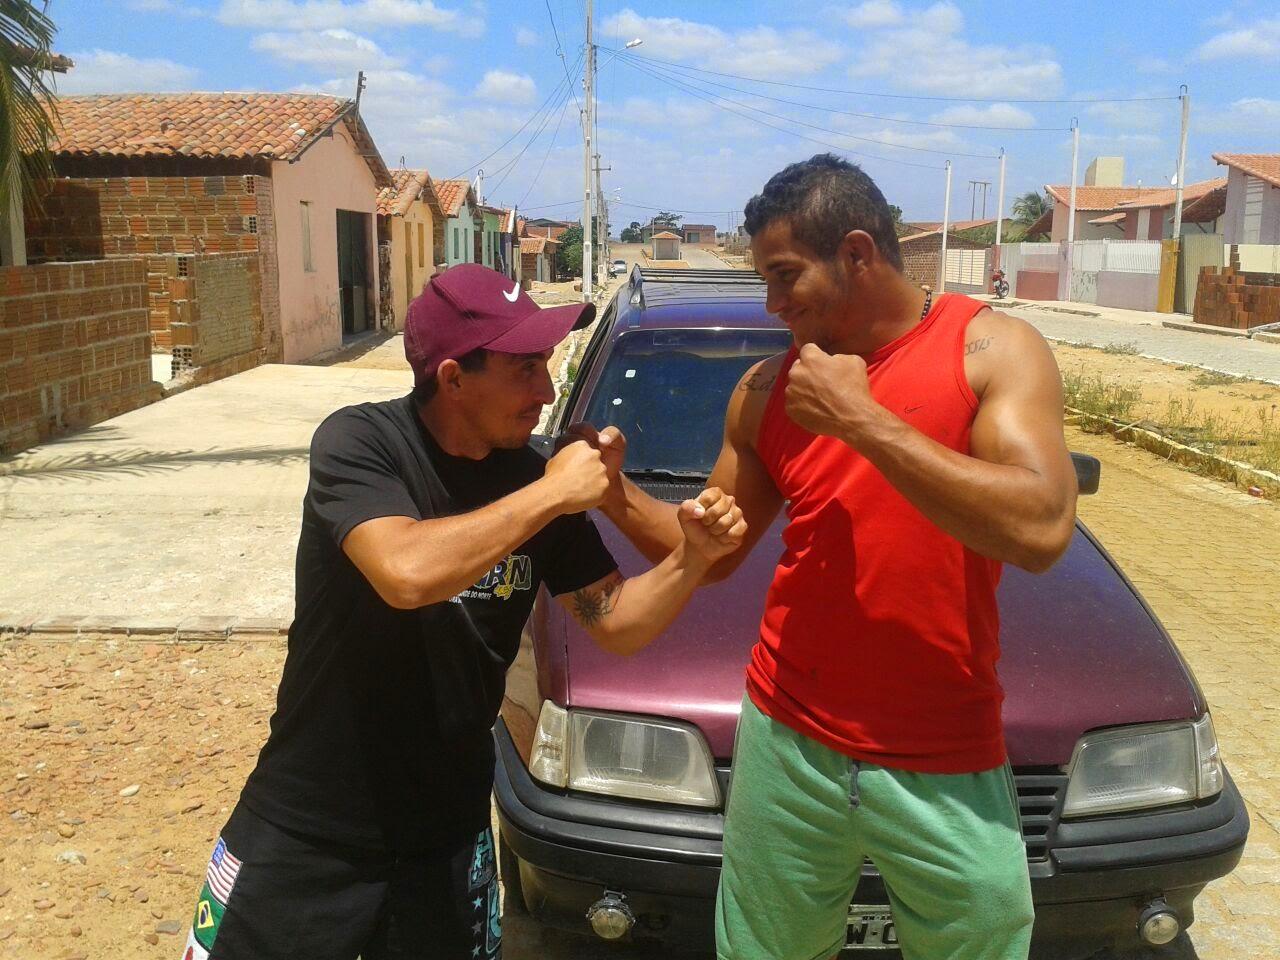 CONTRA MESTRE PINTADO E O LUTADO DE MMA REINALDO EKSON